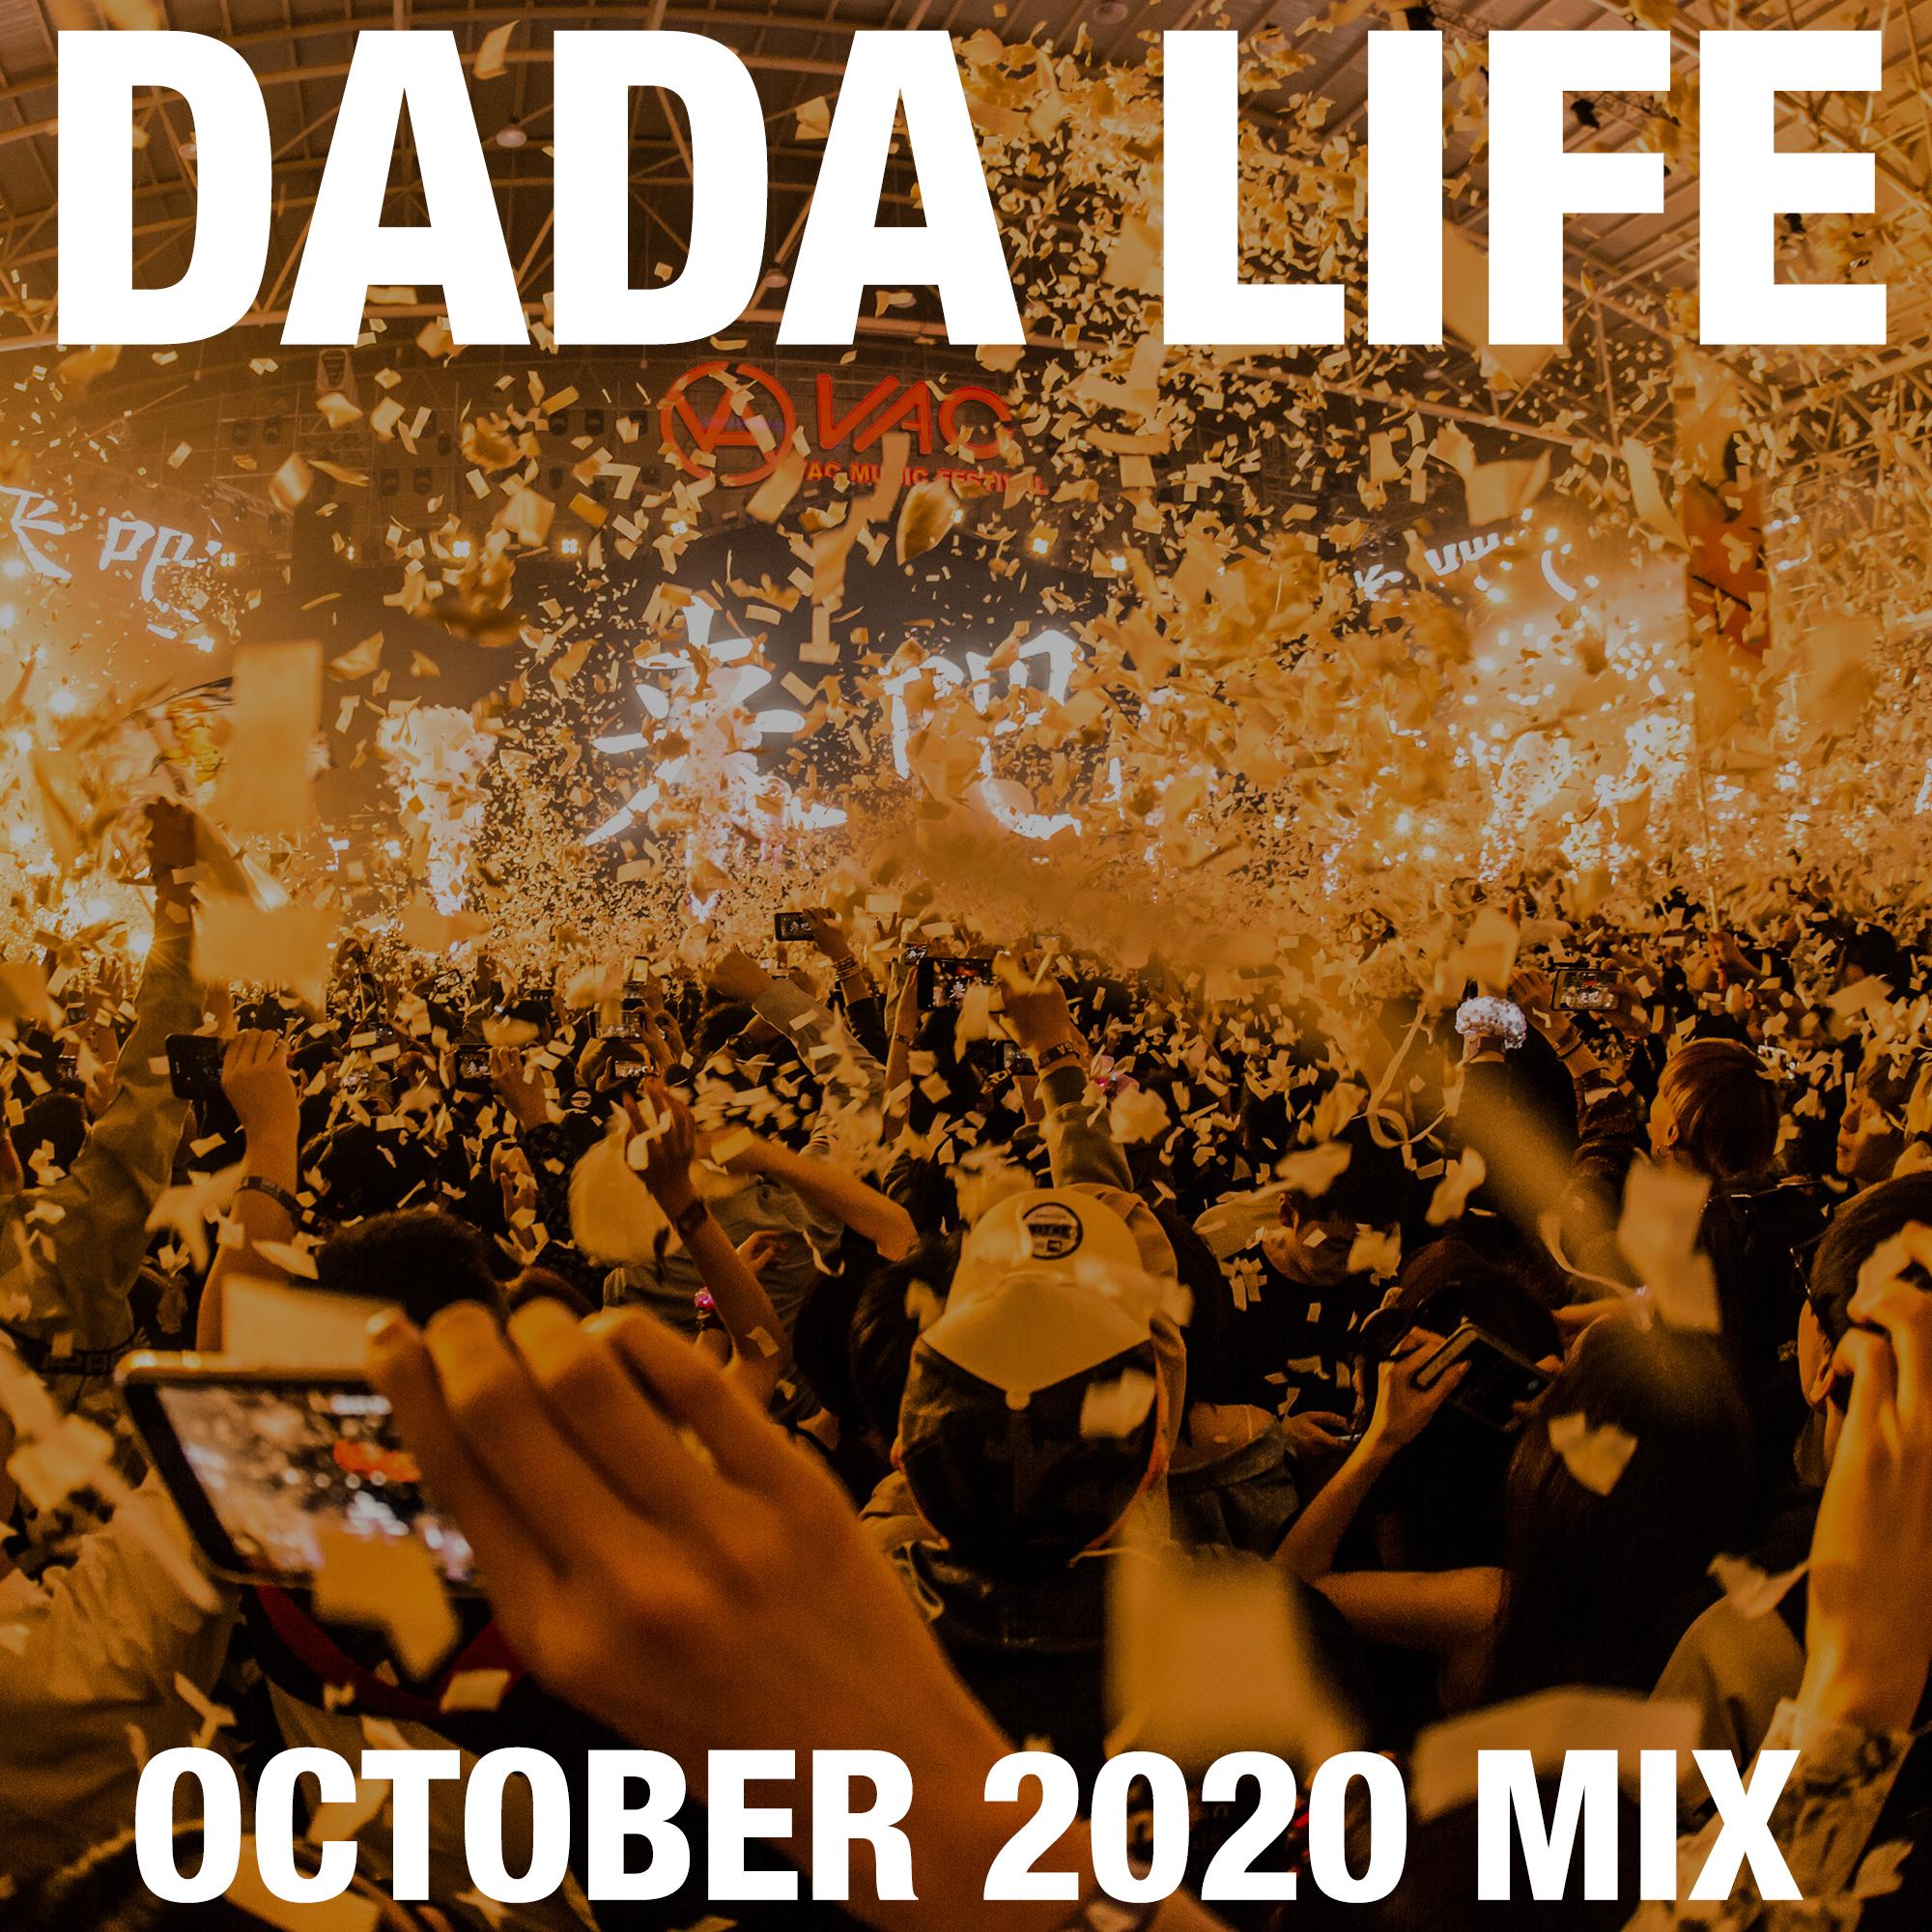 Dada Land October 2020 Mix show art